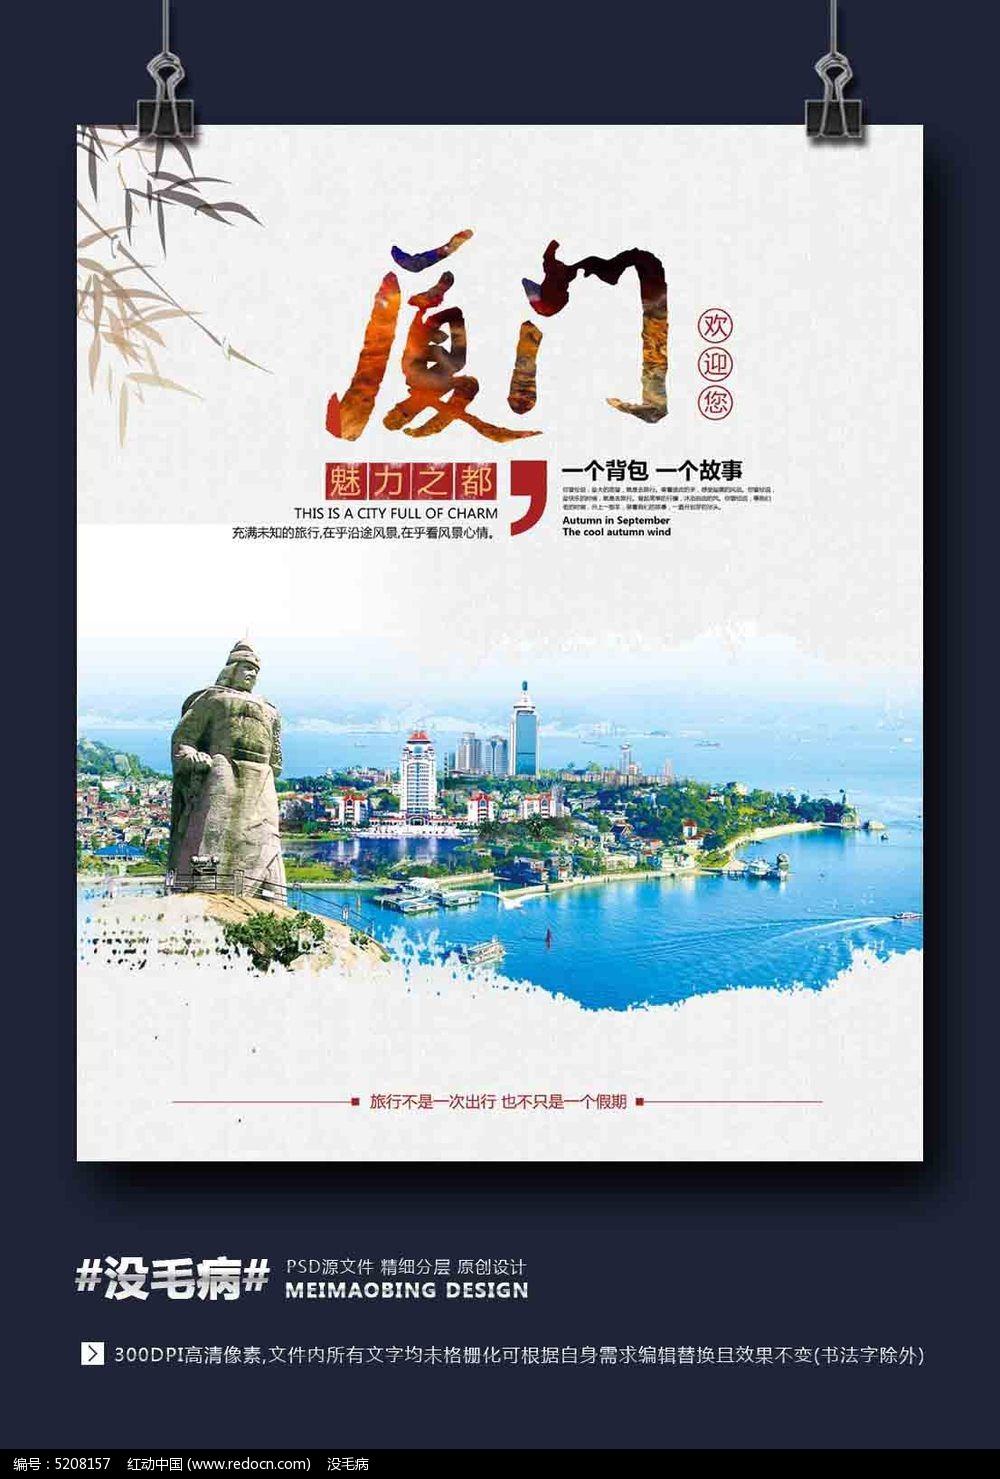 原创设计稿 海报设计/宣传单/广告牌 海报设计 中国风厦门旅游海报图片